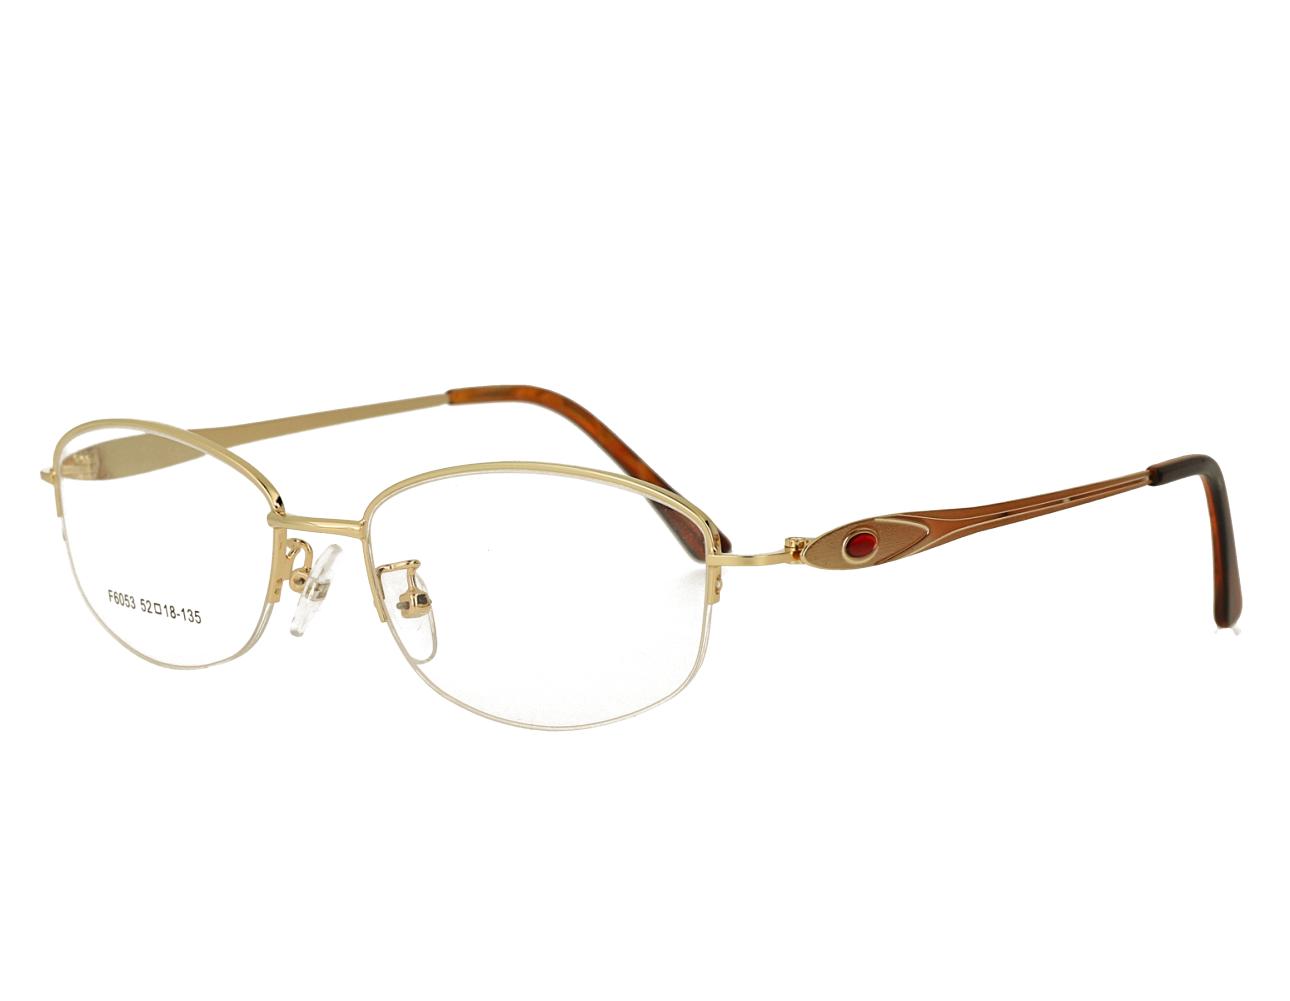 Woman's half rim Metal Frame Optical Glasses